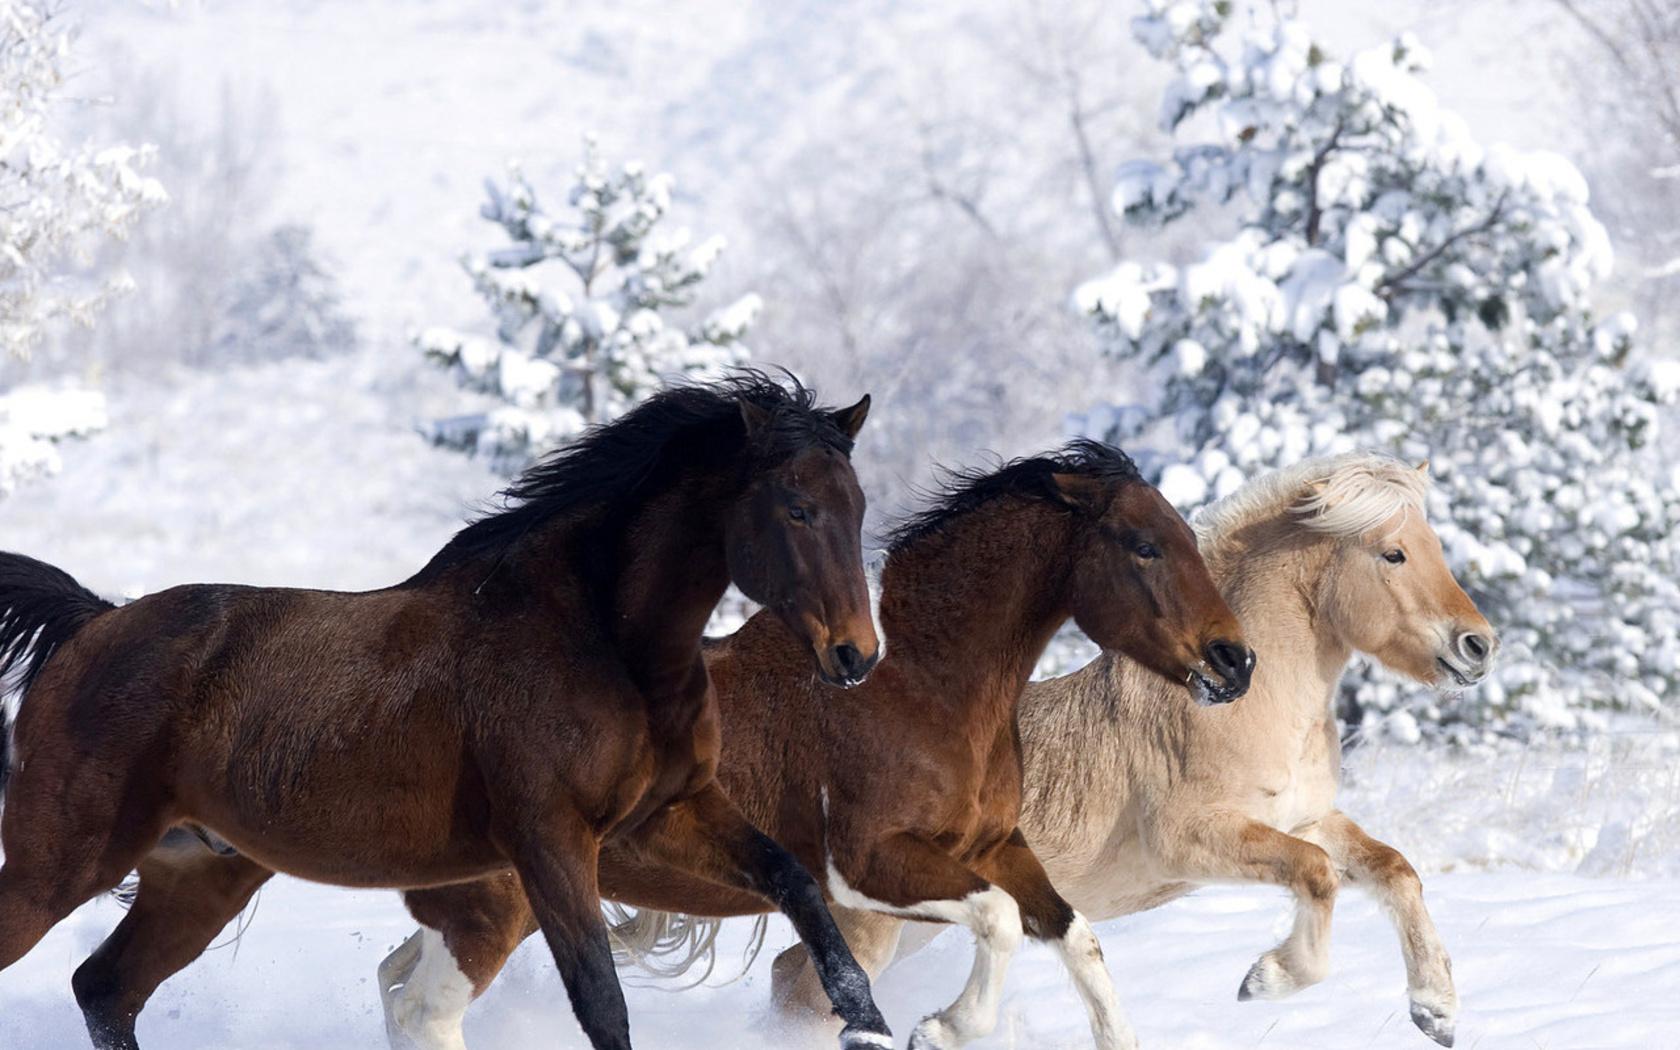 Тройка лошадей зимой картинки